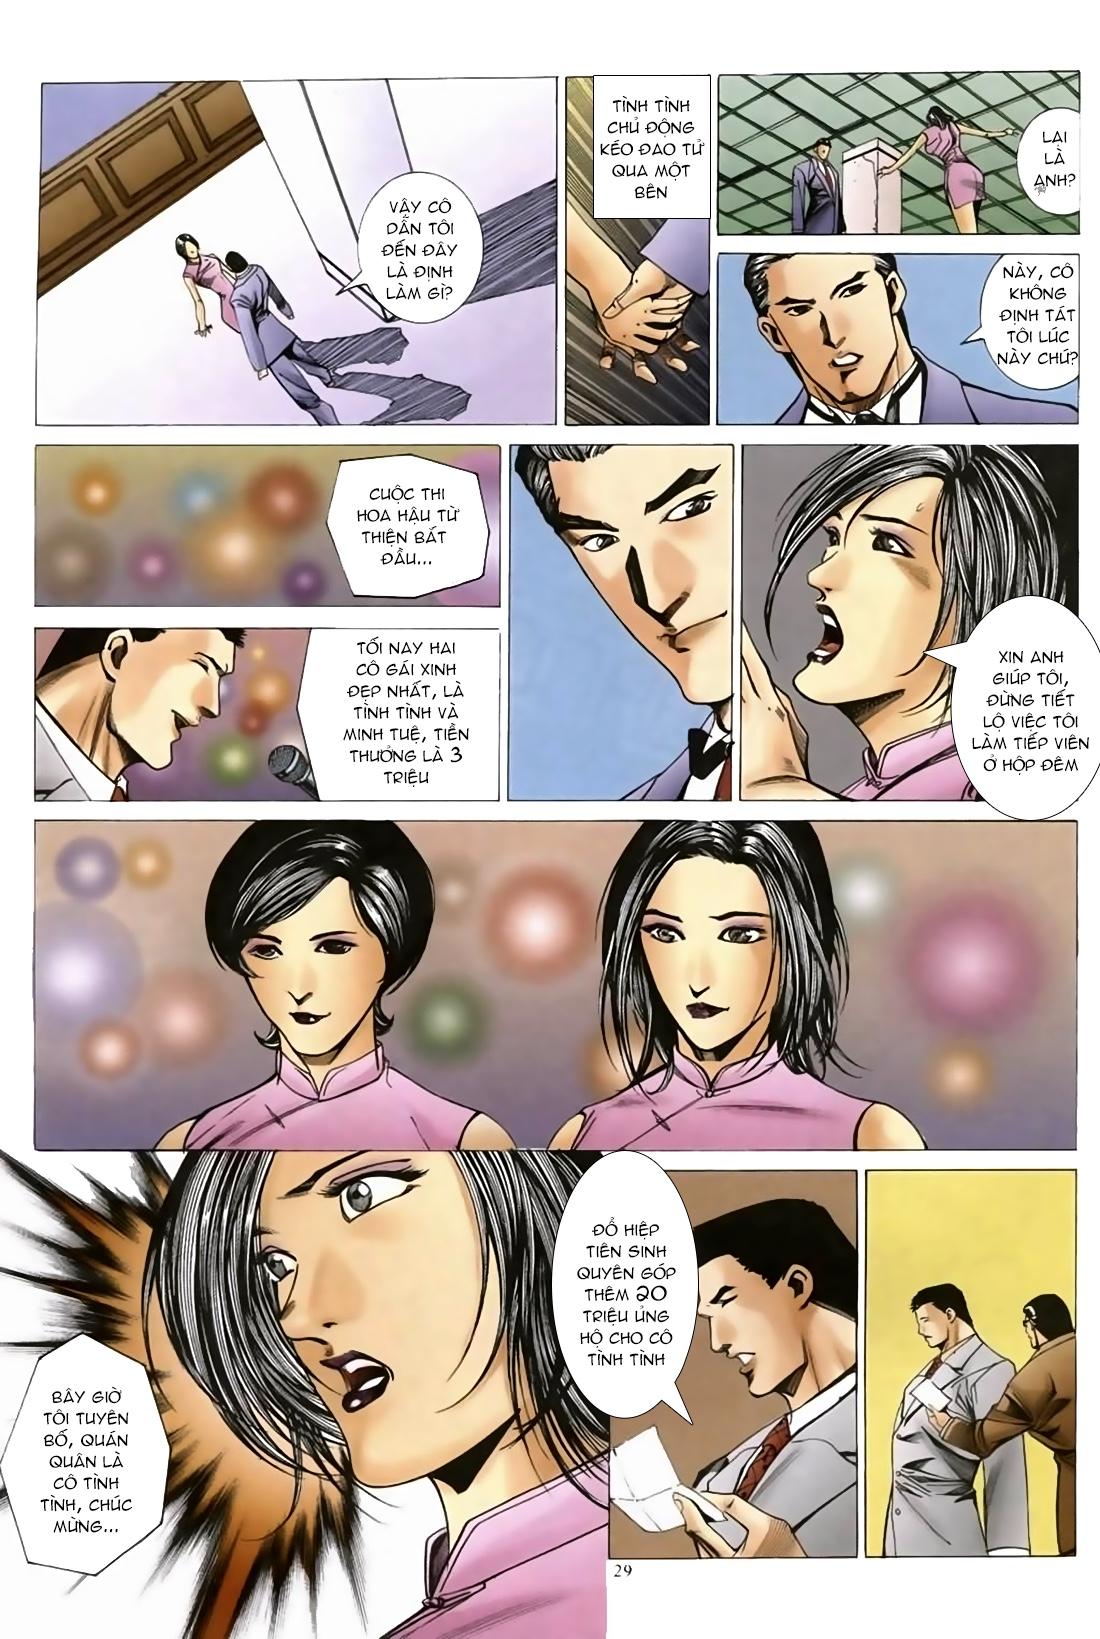 Đổ Hiệp Truyền Kỳ chap 1 - Trang 28